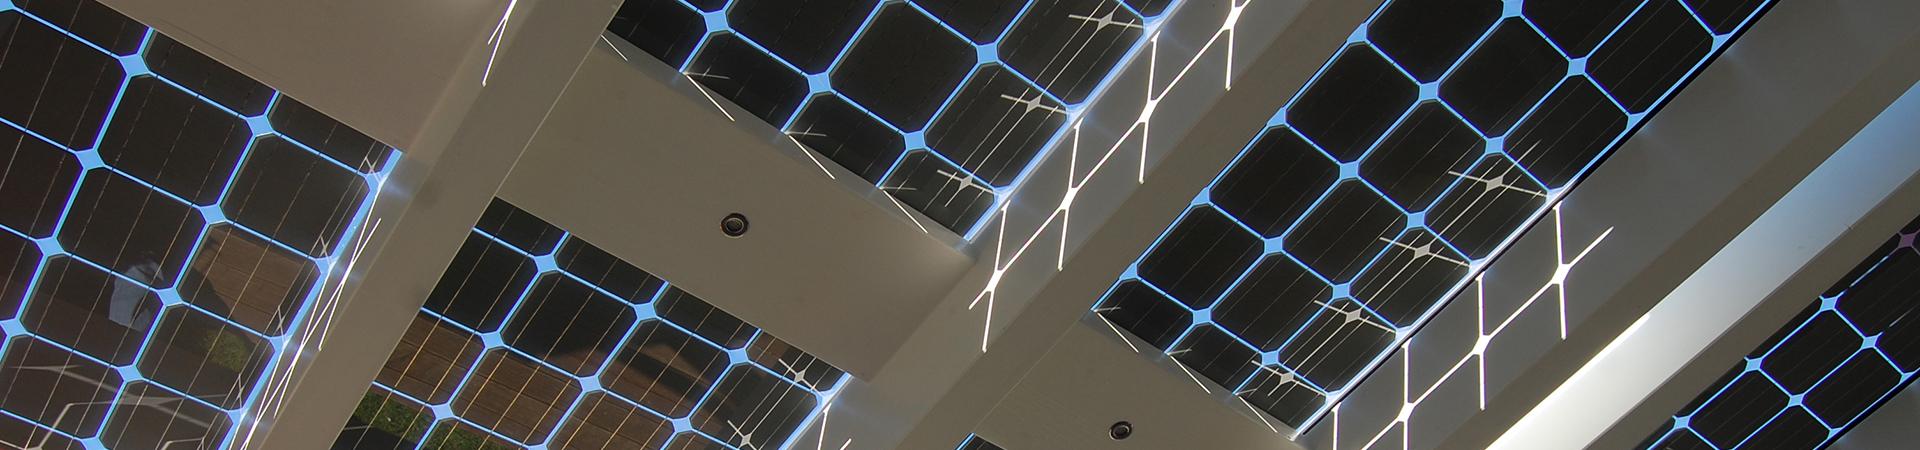 lohnt sich ein terrassendach mit solarmodulen im ratgeber auf. Black Bedroom Furniture Sets. Home Design Ideas